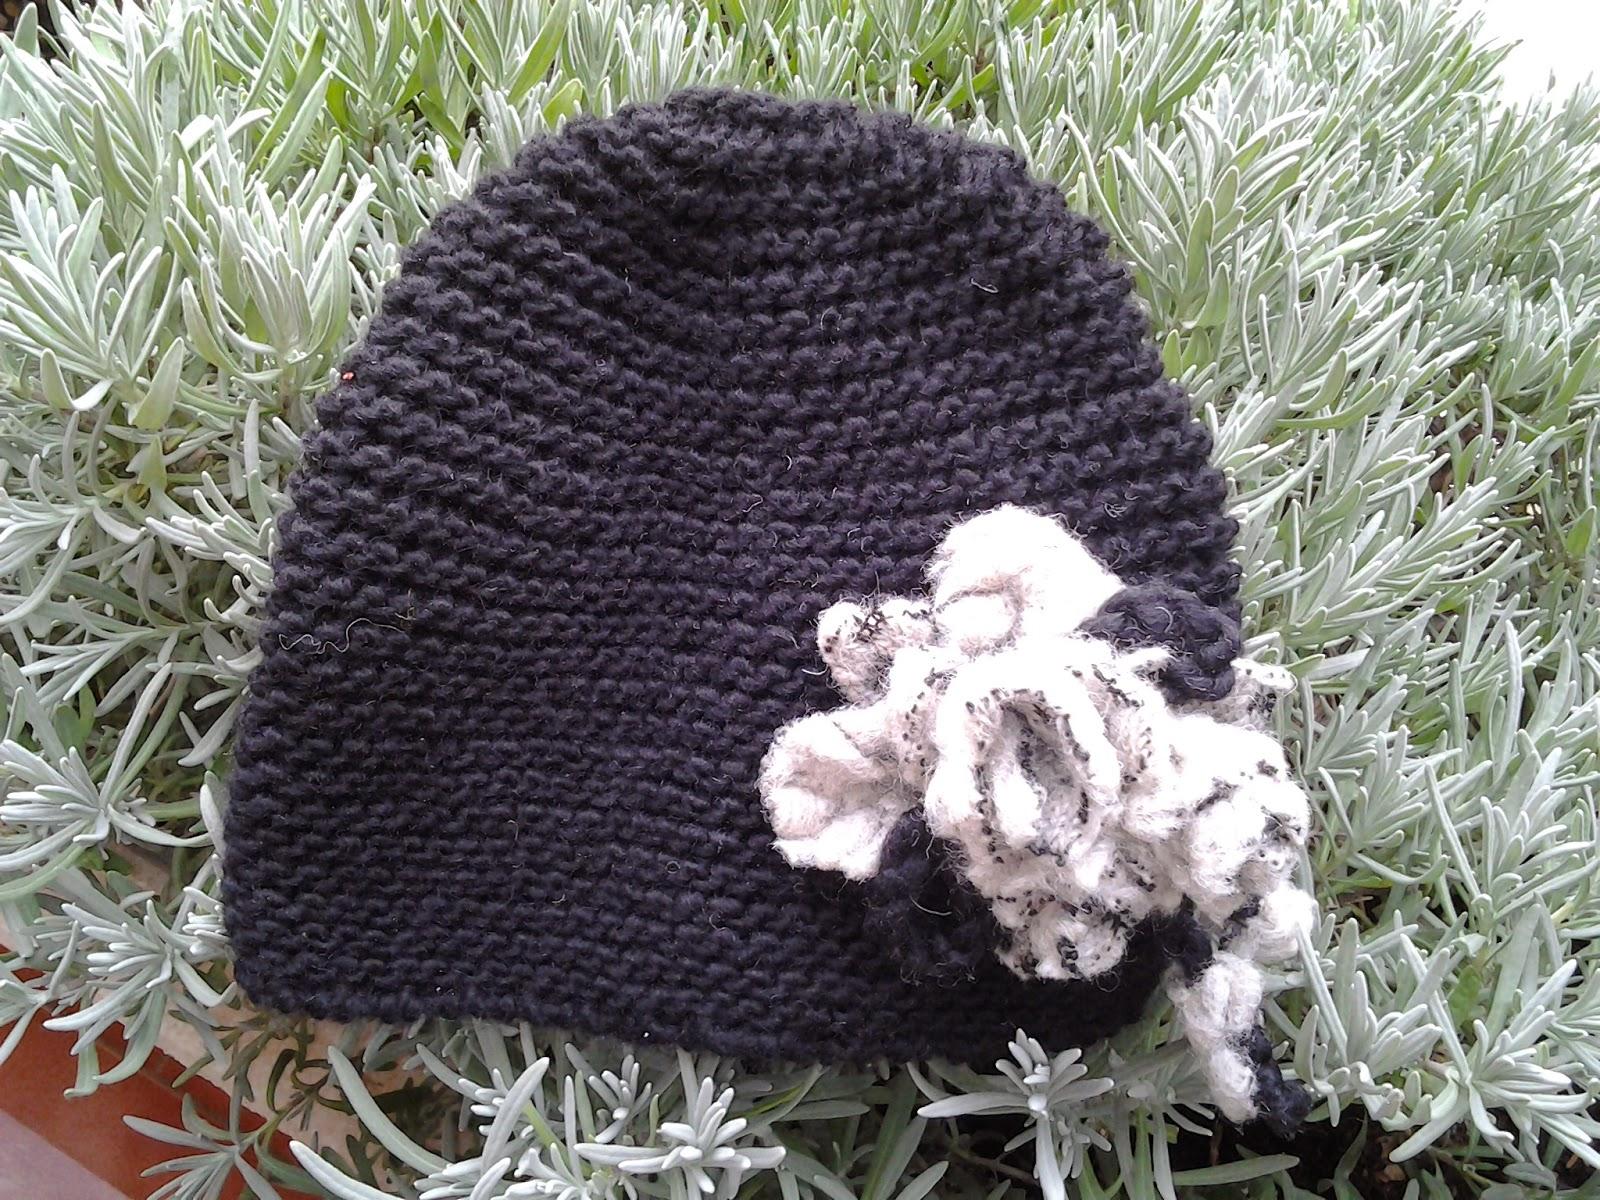 Cappello a maglia legaccio in morbida lana nera con applicazione di fiore  in lana cotta. 2a619b9c1ded